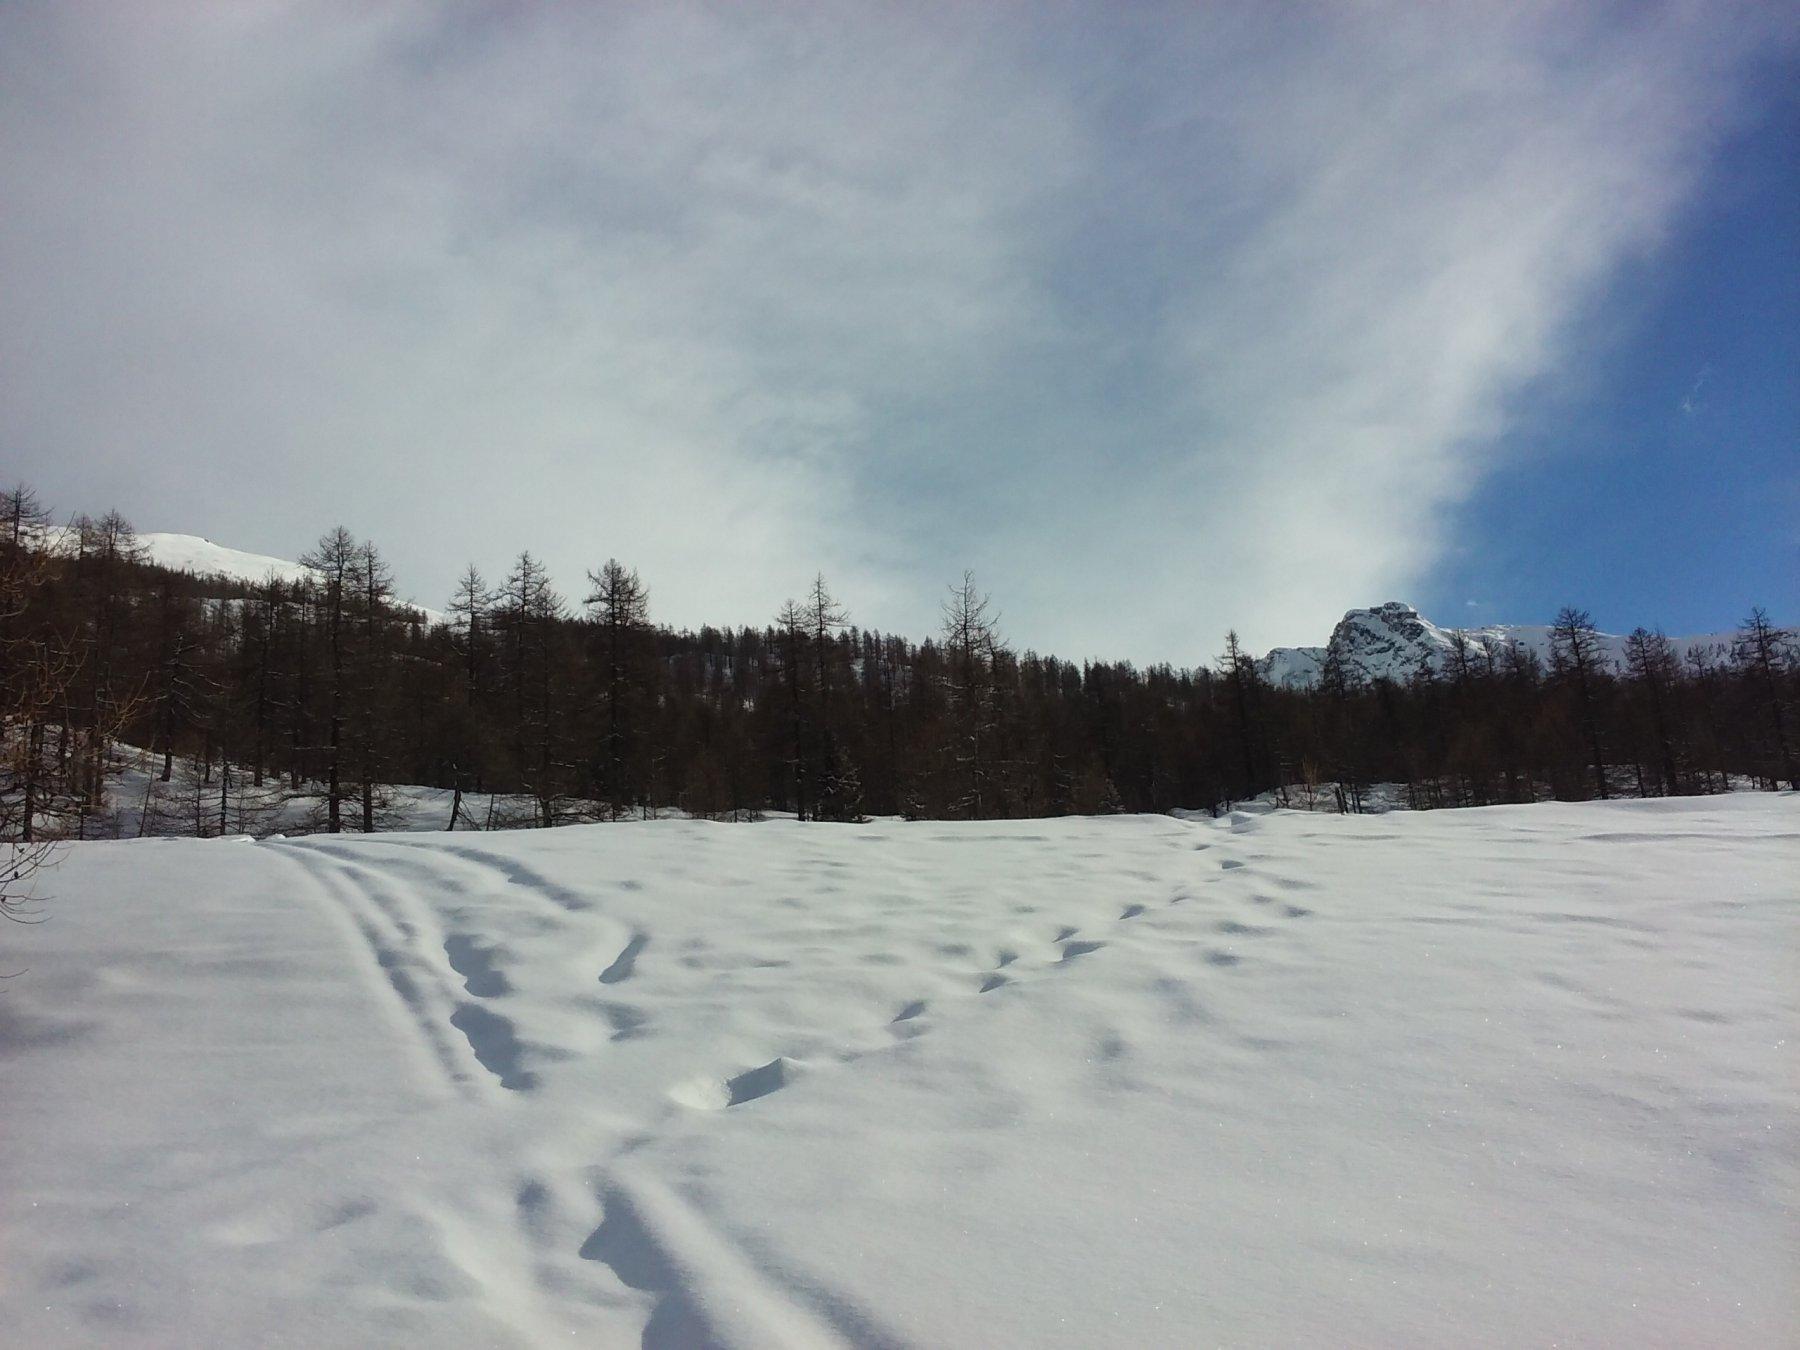 Al pianoro Seleigon: in alto a sinistra, i pendii che si risalgono fino alla cresta.